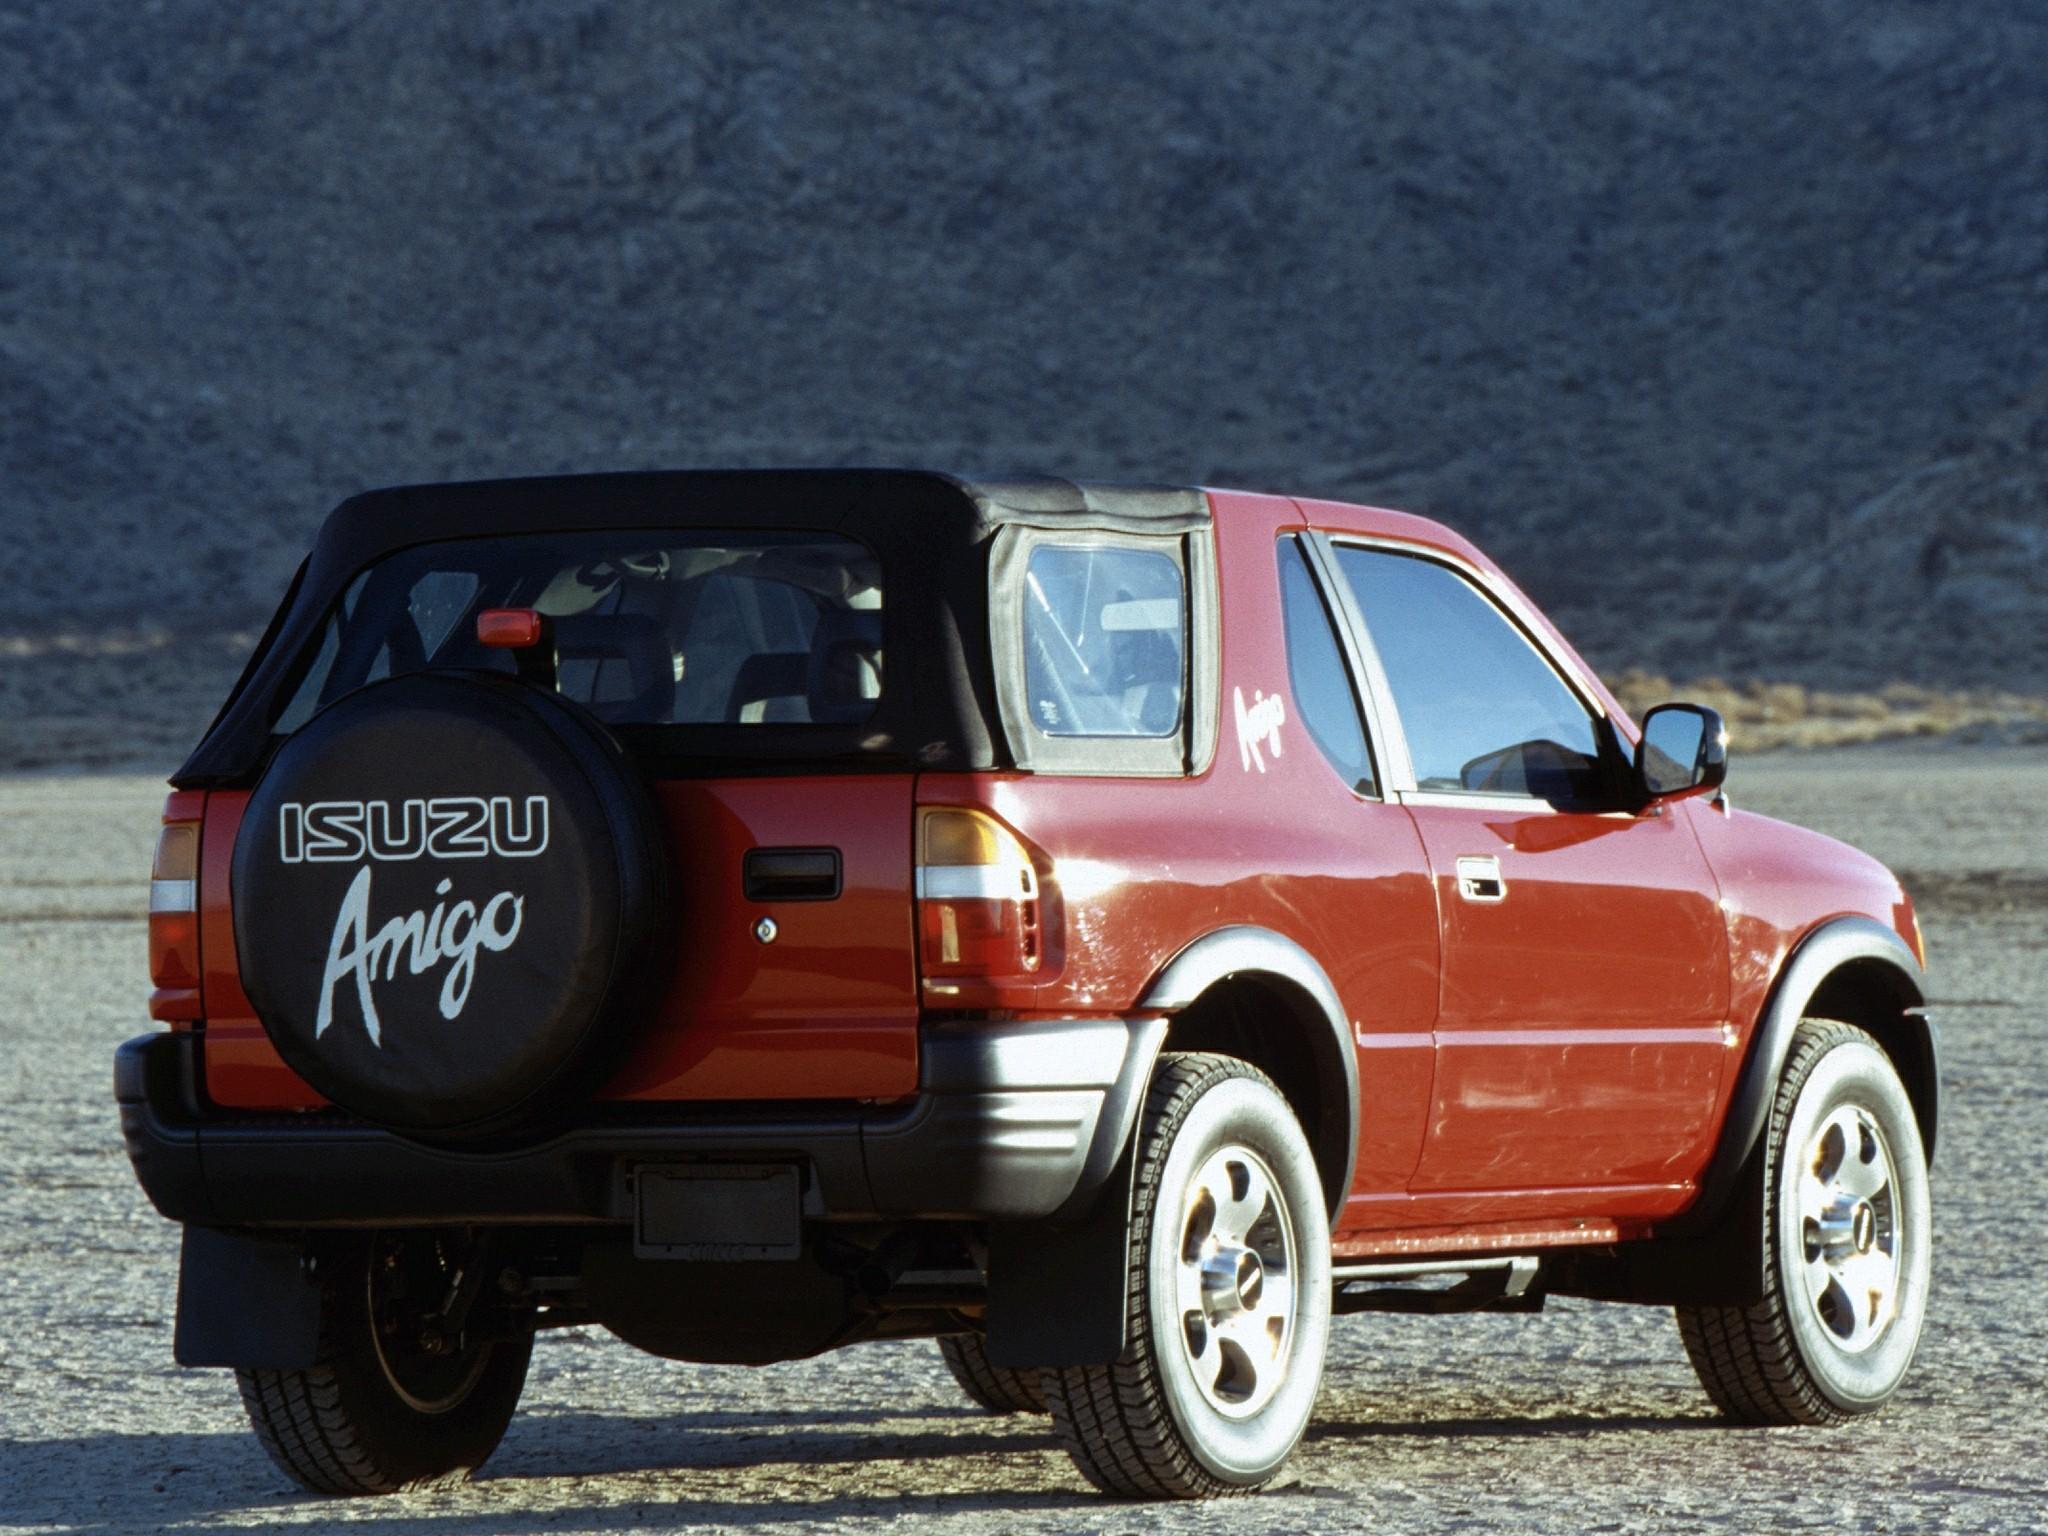 Jeep Soft Top Reviews >> ISUZU Amigo Cabrio specs - 1998, 1999, 2000, 2001, 2002, 2003 - autoevolution